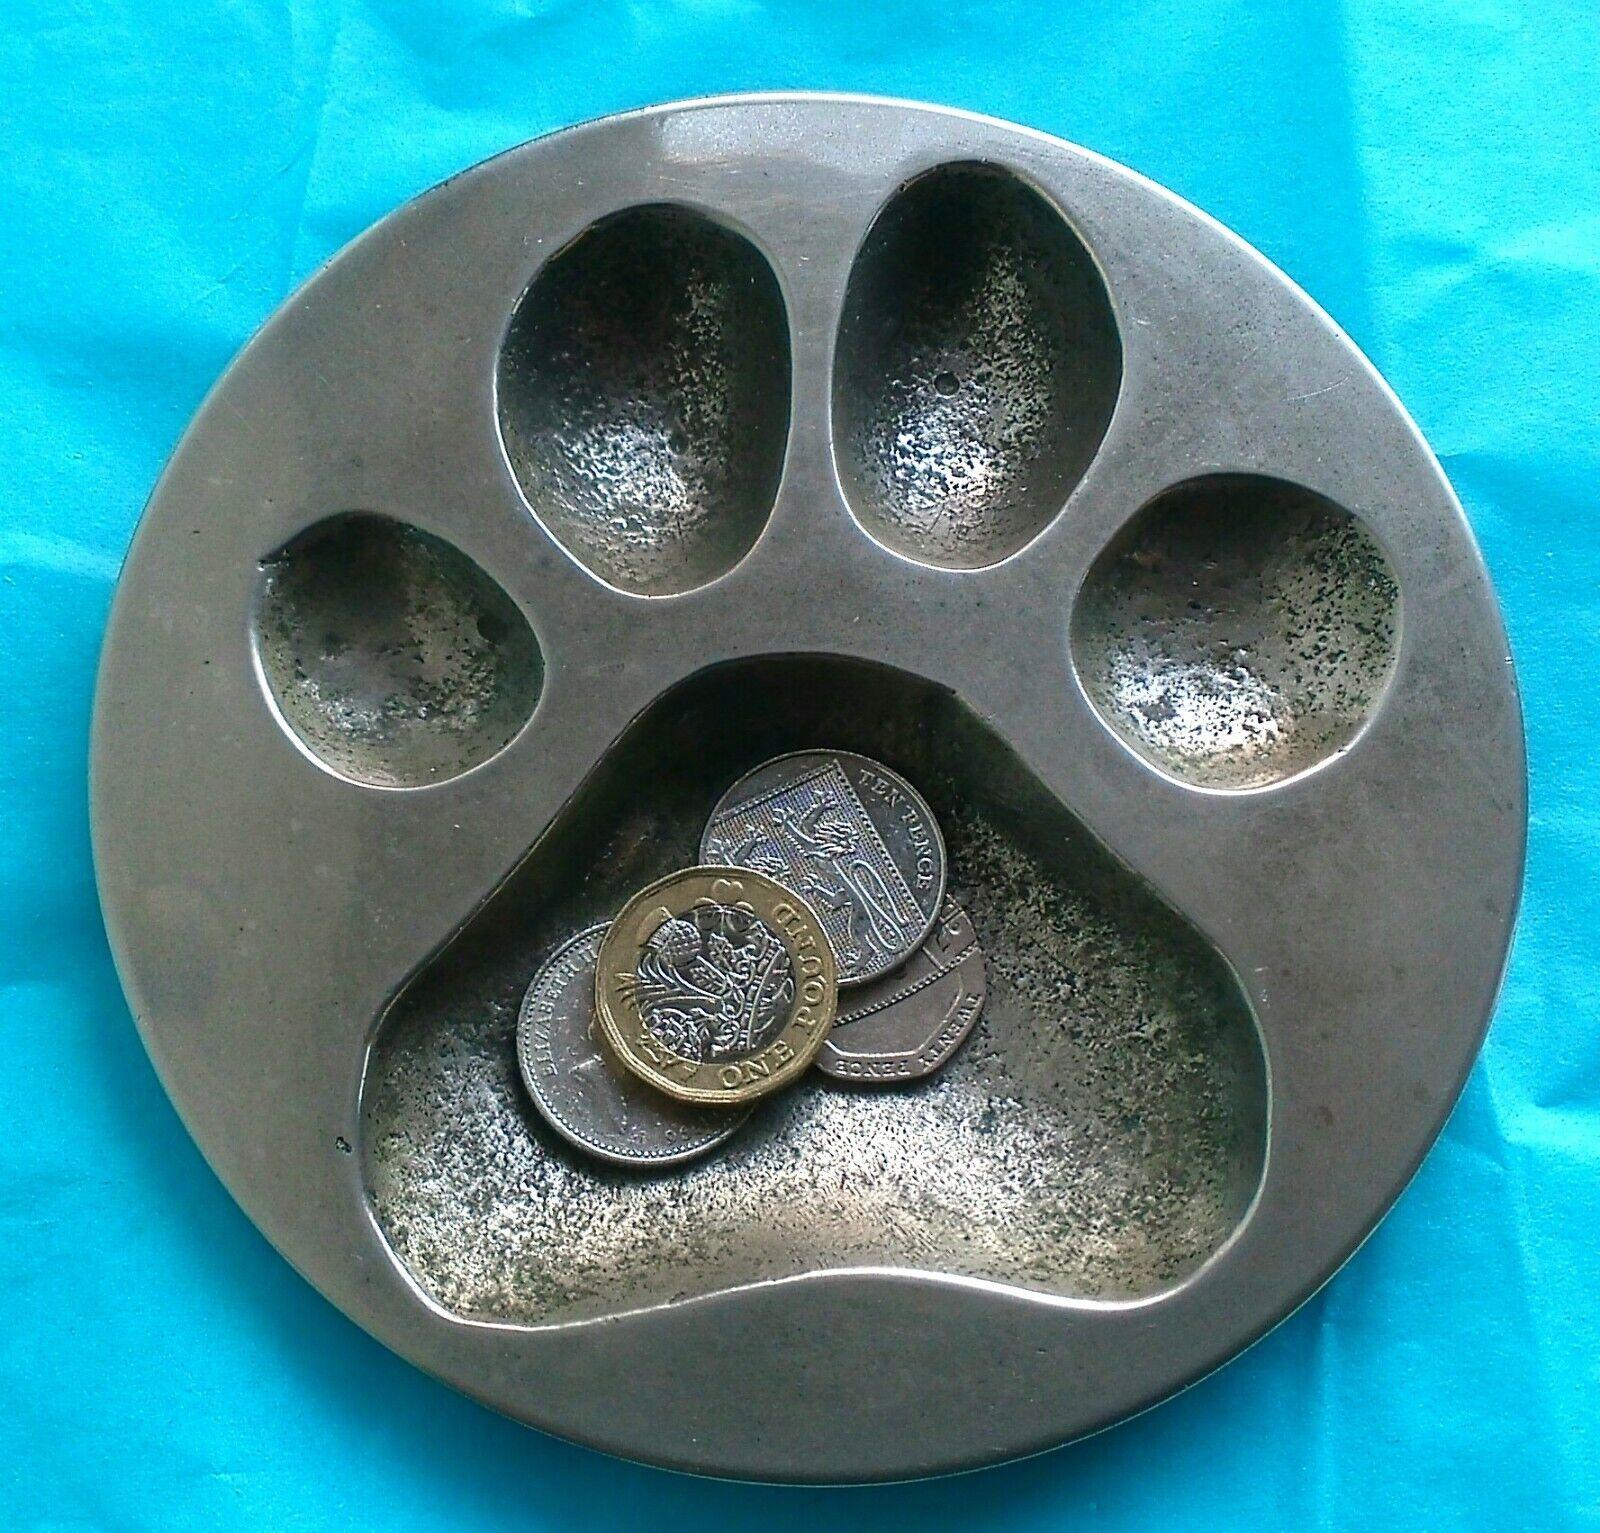 Impresión de la pata de perro grande Heavy Metal Clave/moneda PLATO industrial 13.5 CMS 1kg